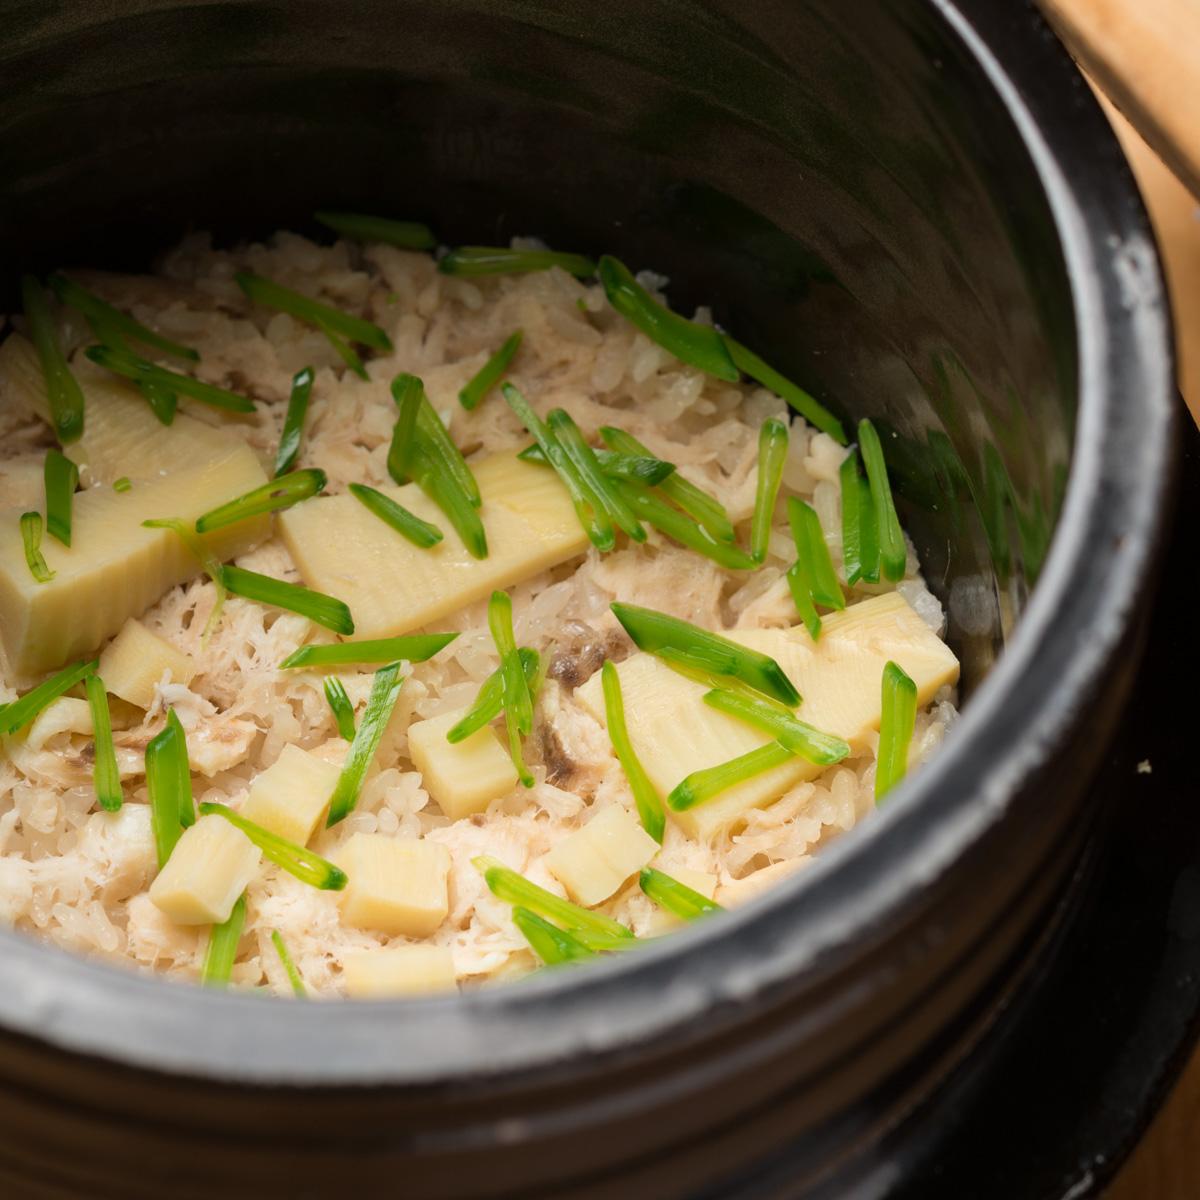 御飯物|鯛と新竹の子の炊き込み御飯